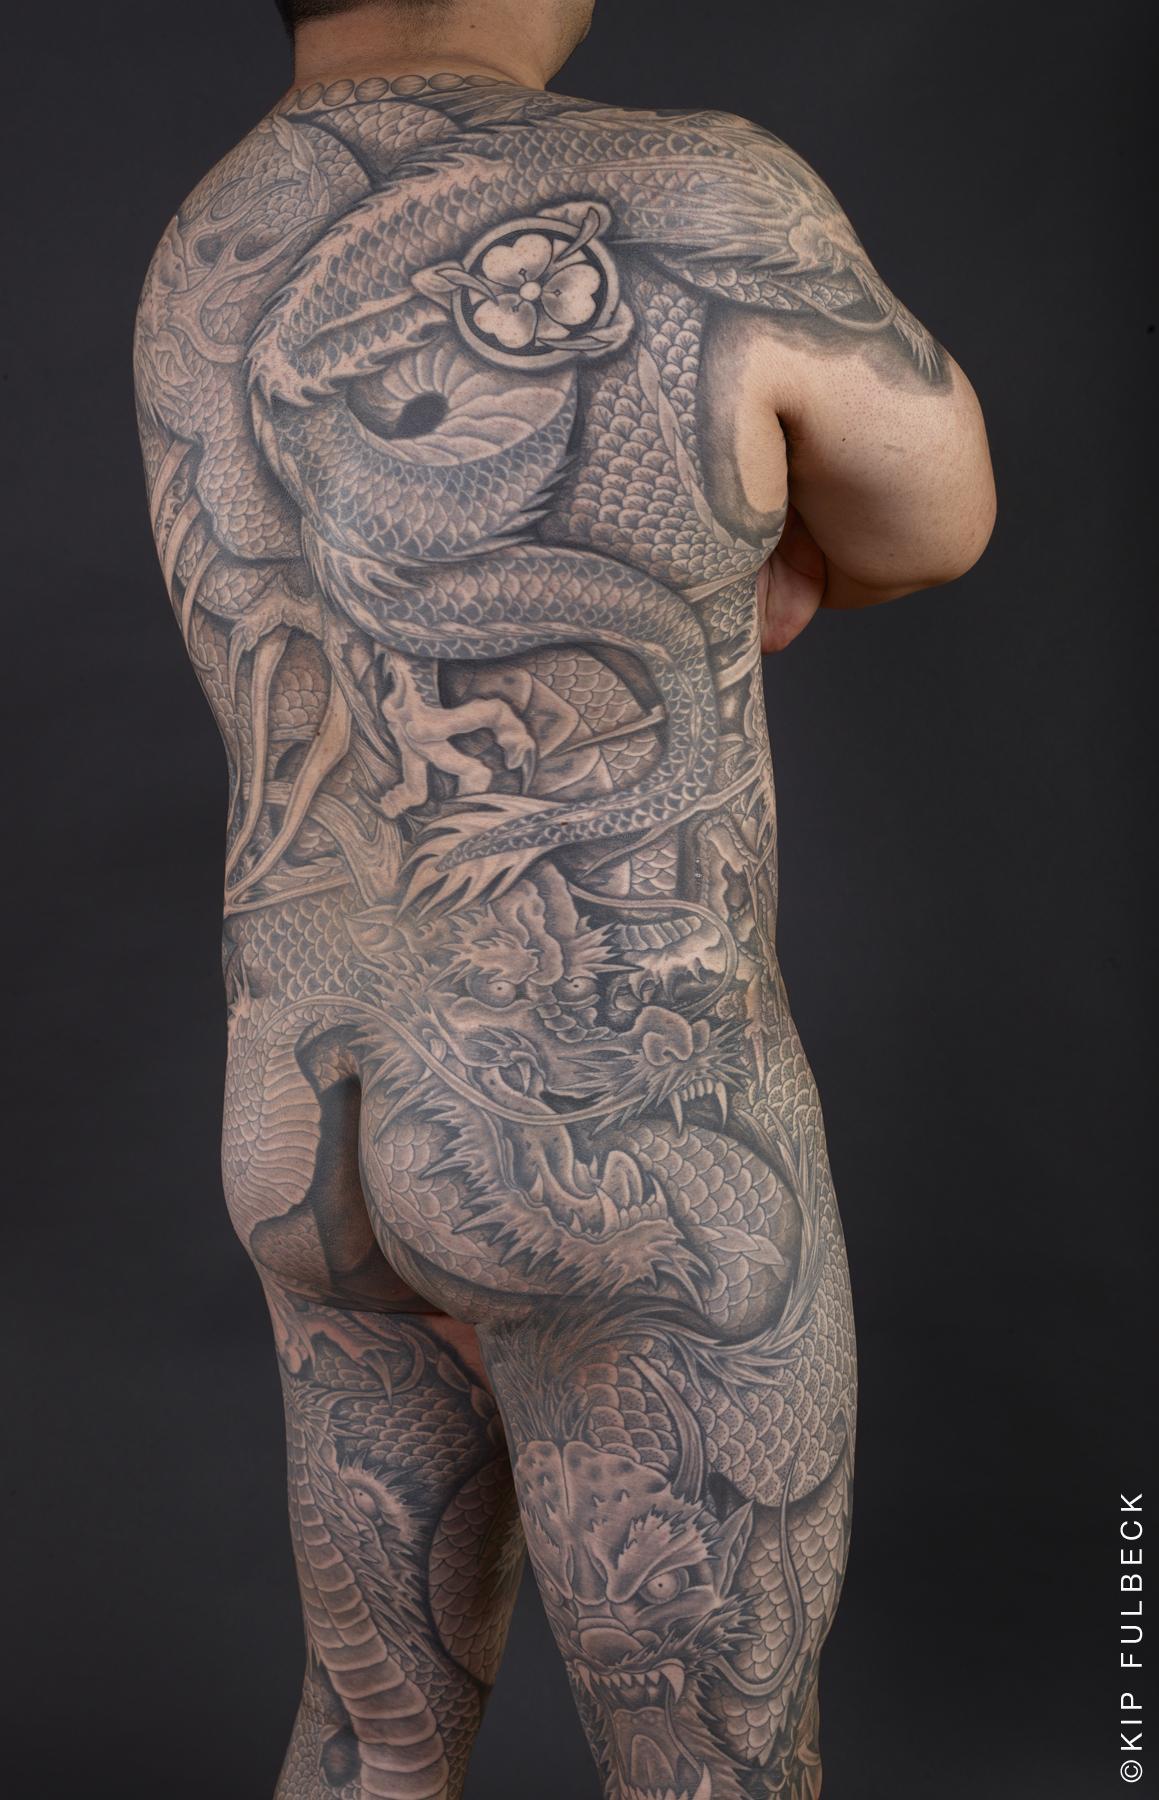 Tattoo by Horitaka. Photo by Kip Fulbeck